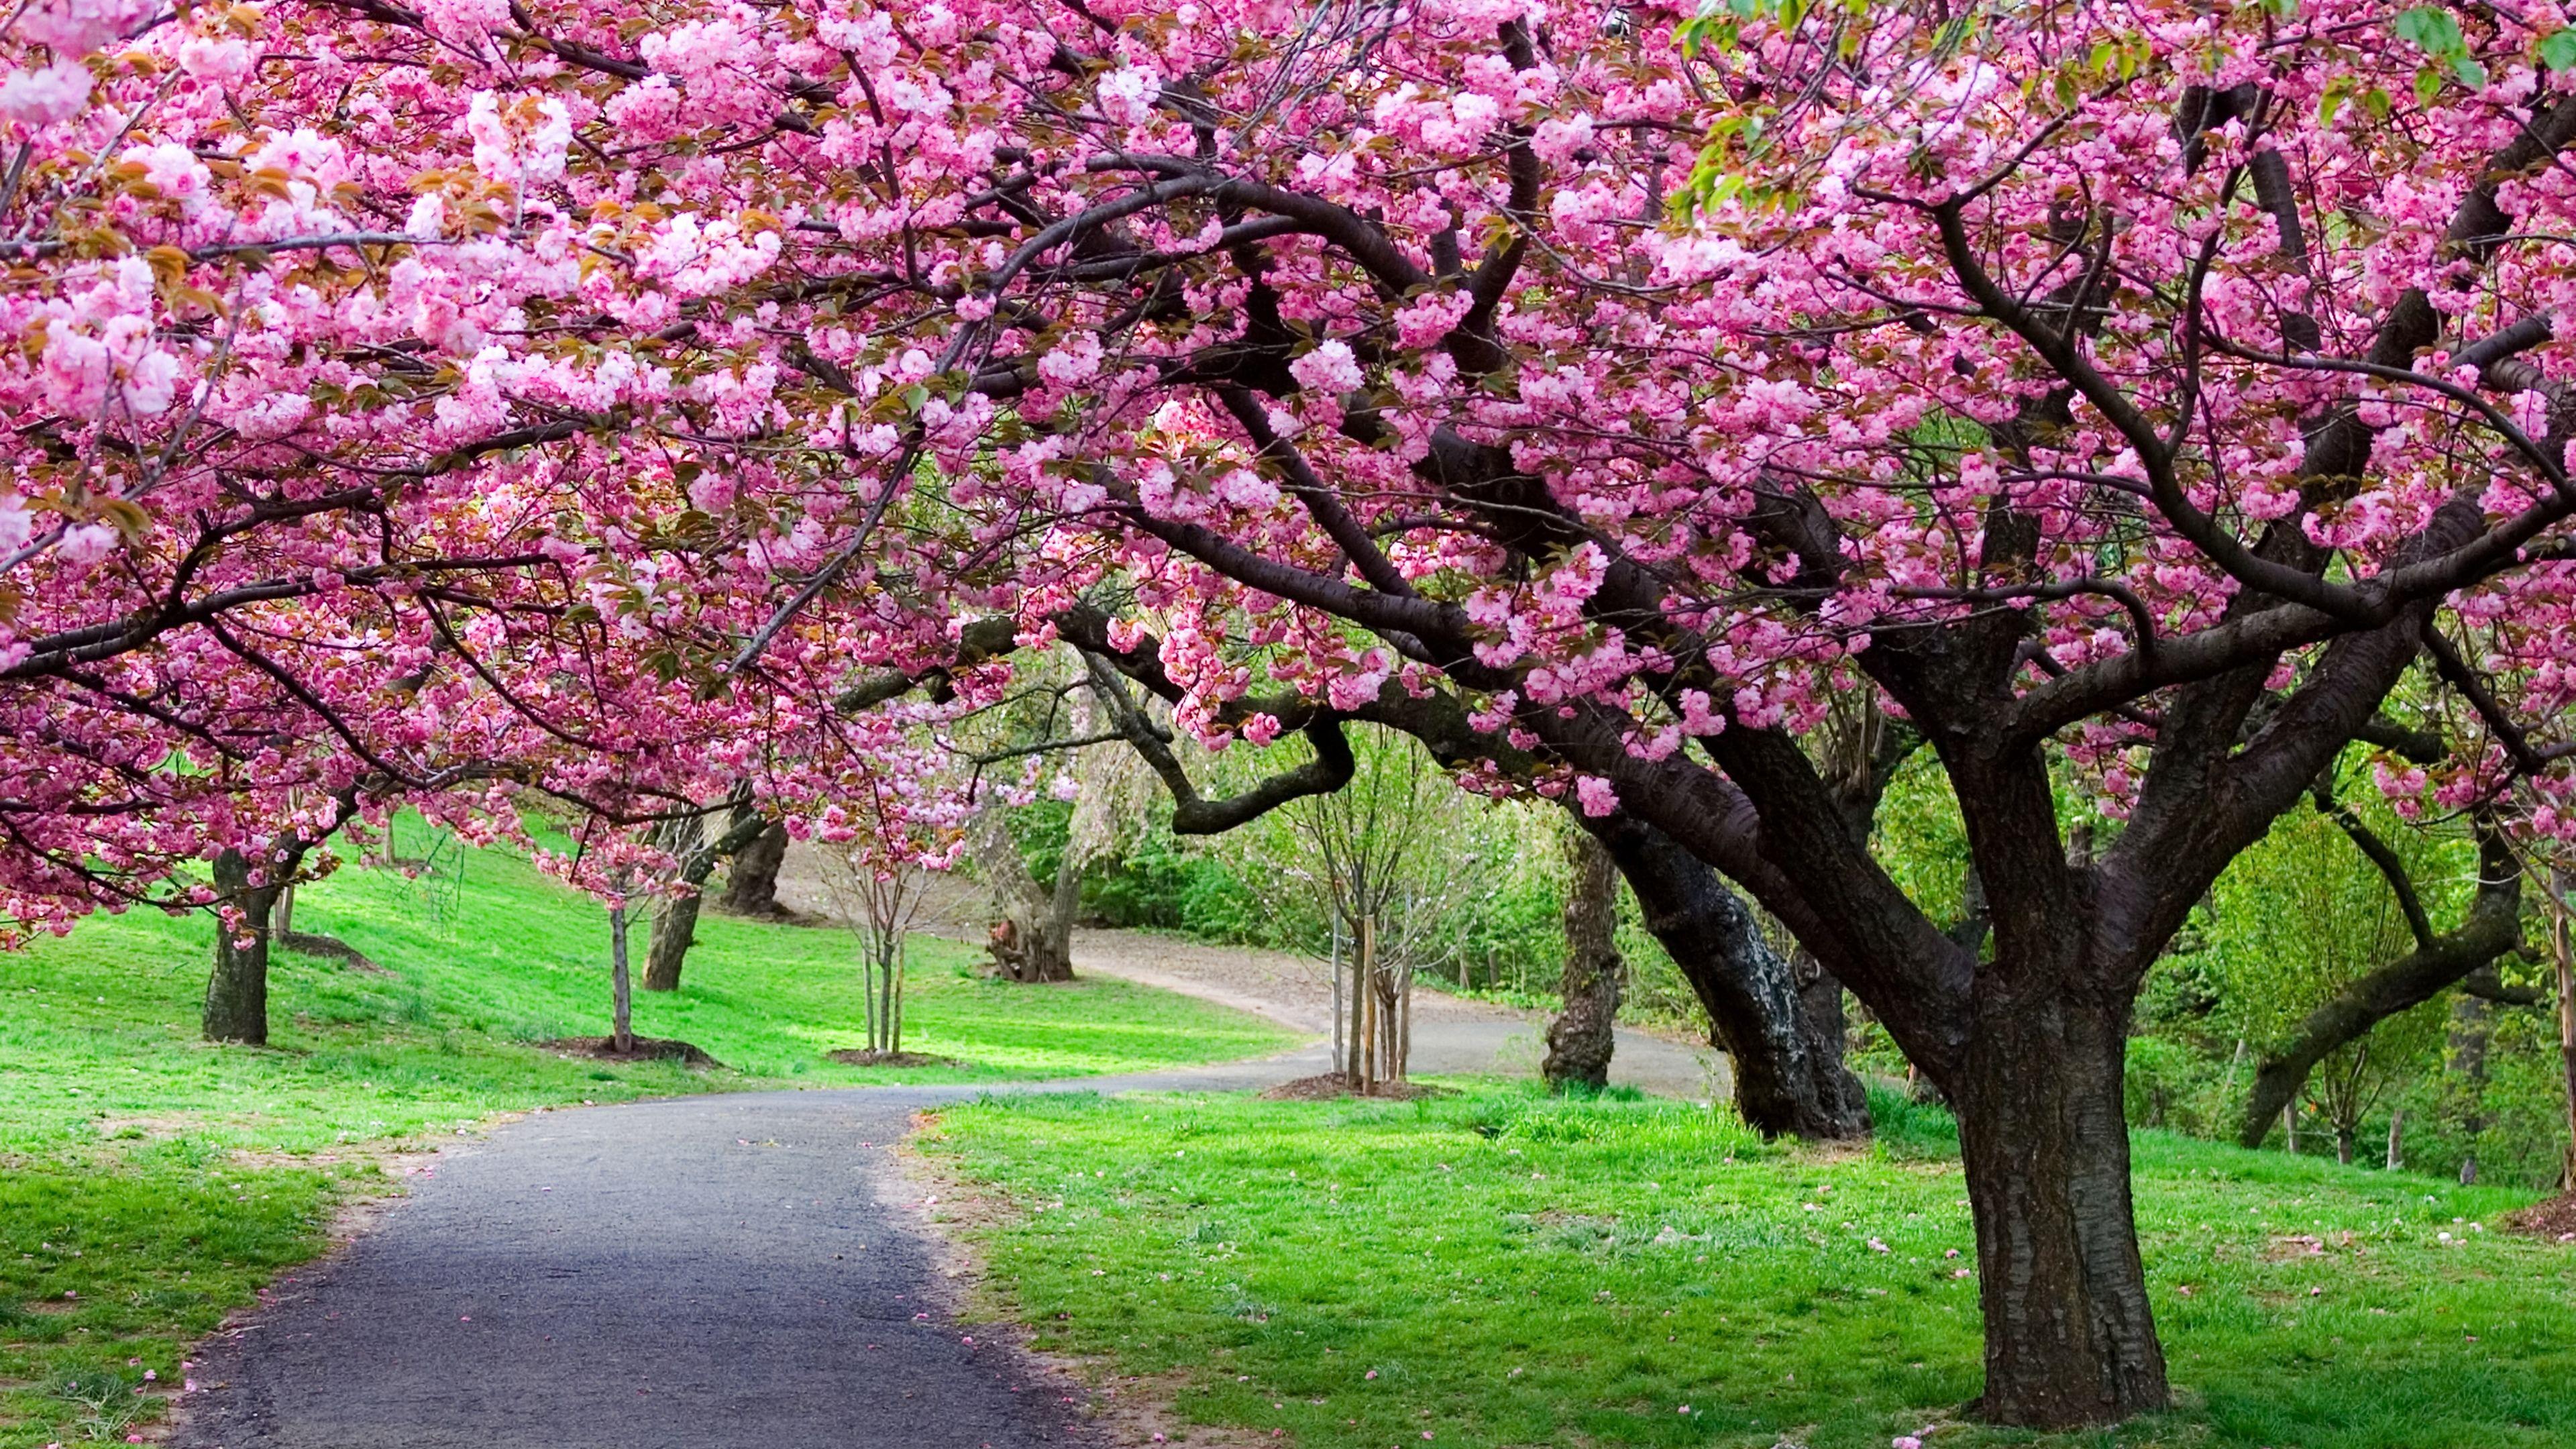 Sakura Fonds D Ecran Arrieres Plan 3840x2160 Id 568504 Fleur De Cerisier Arbre Cerisier Japonais Photographie De Paysages